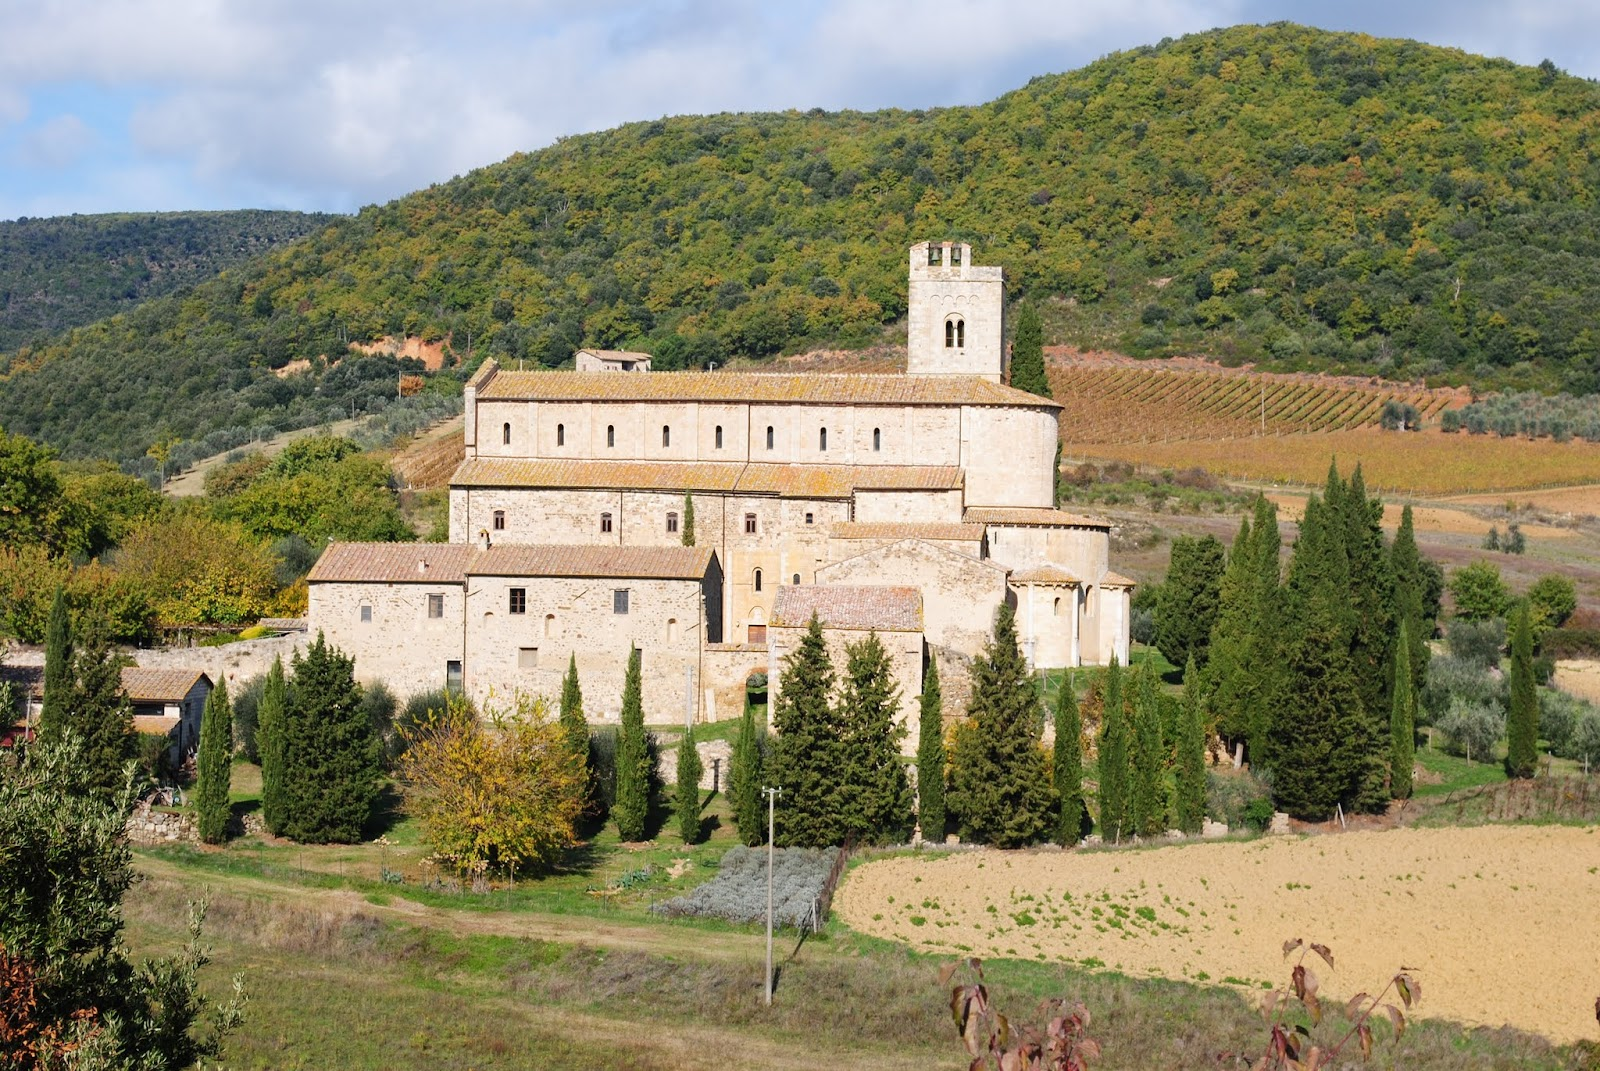 My Photos: Italy -- Tuscany -- Castelnuovo del Abate